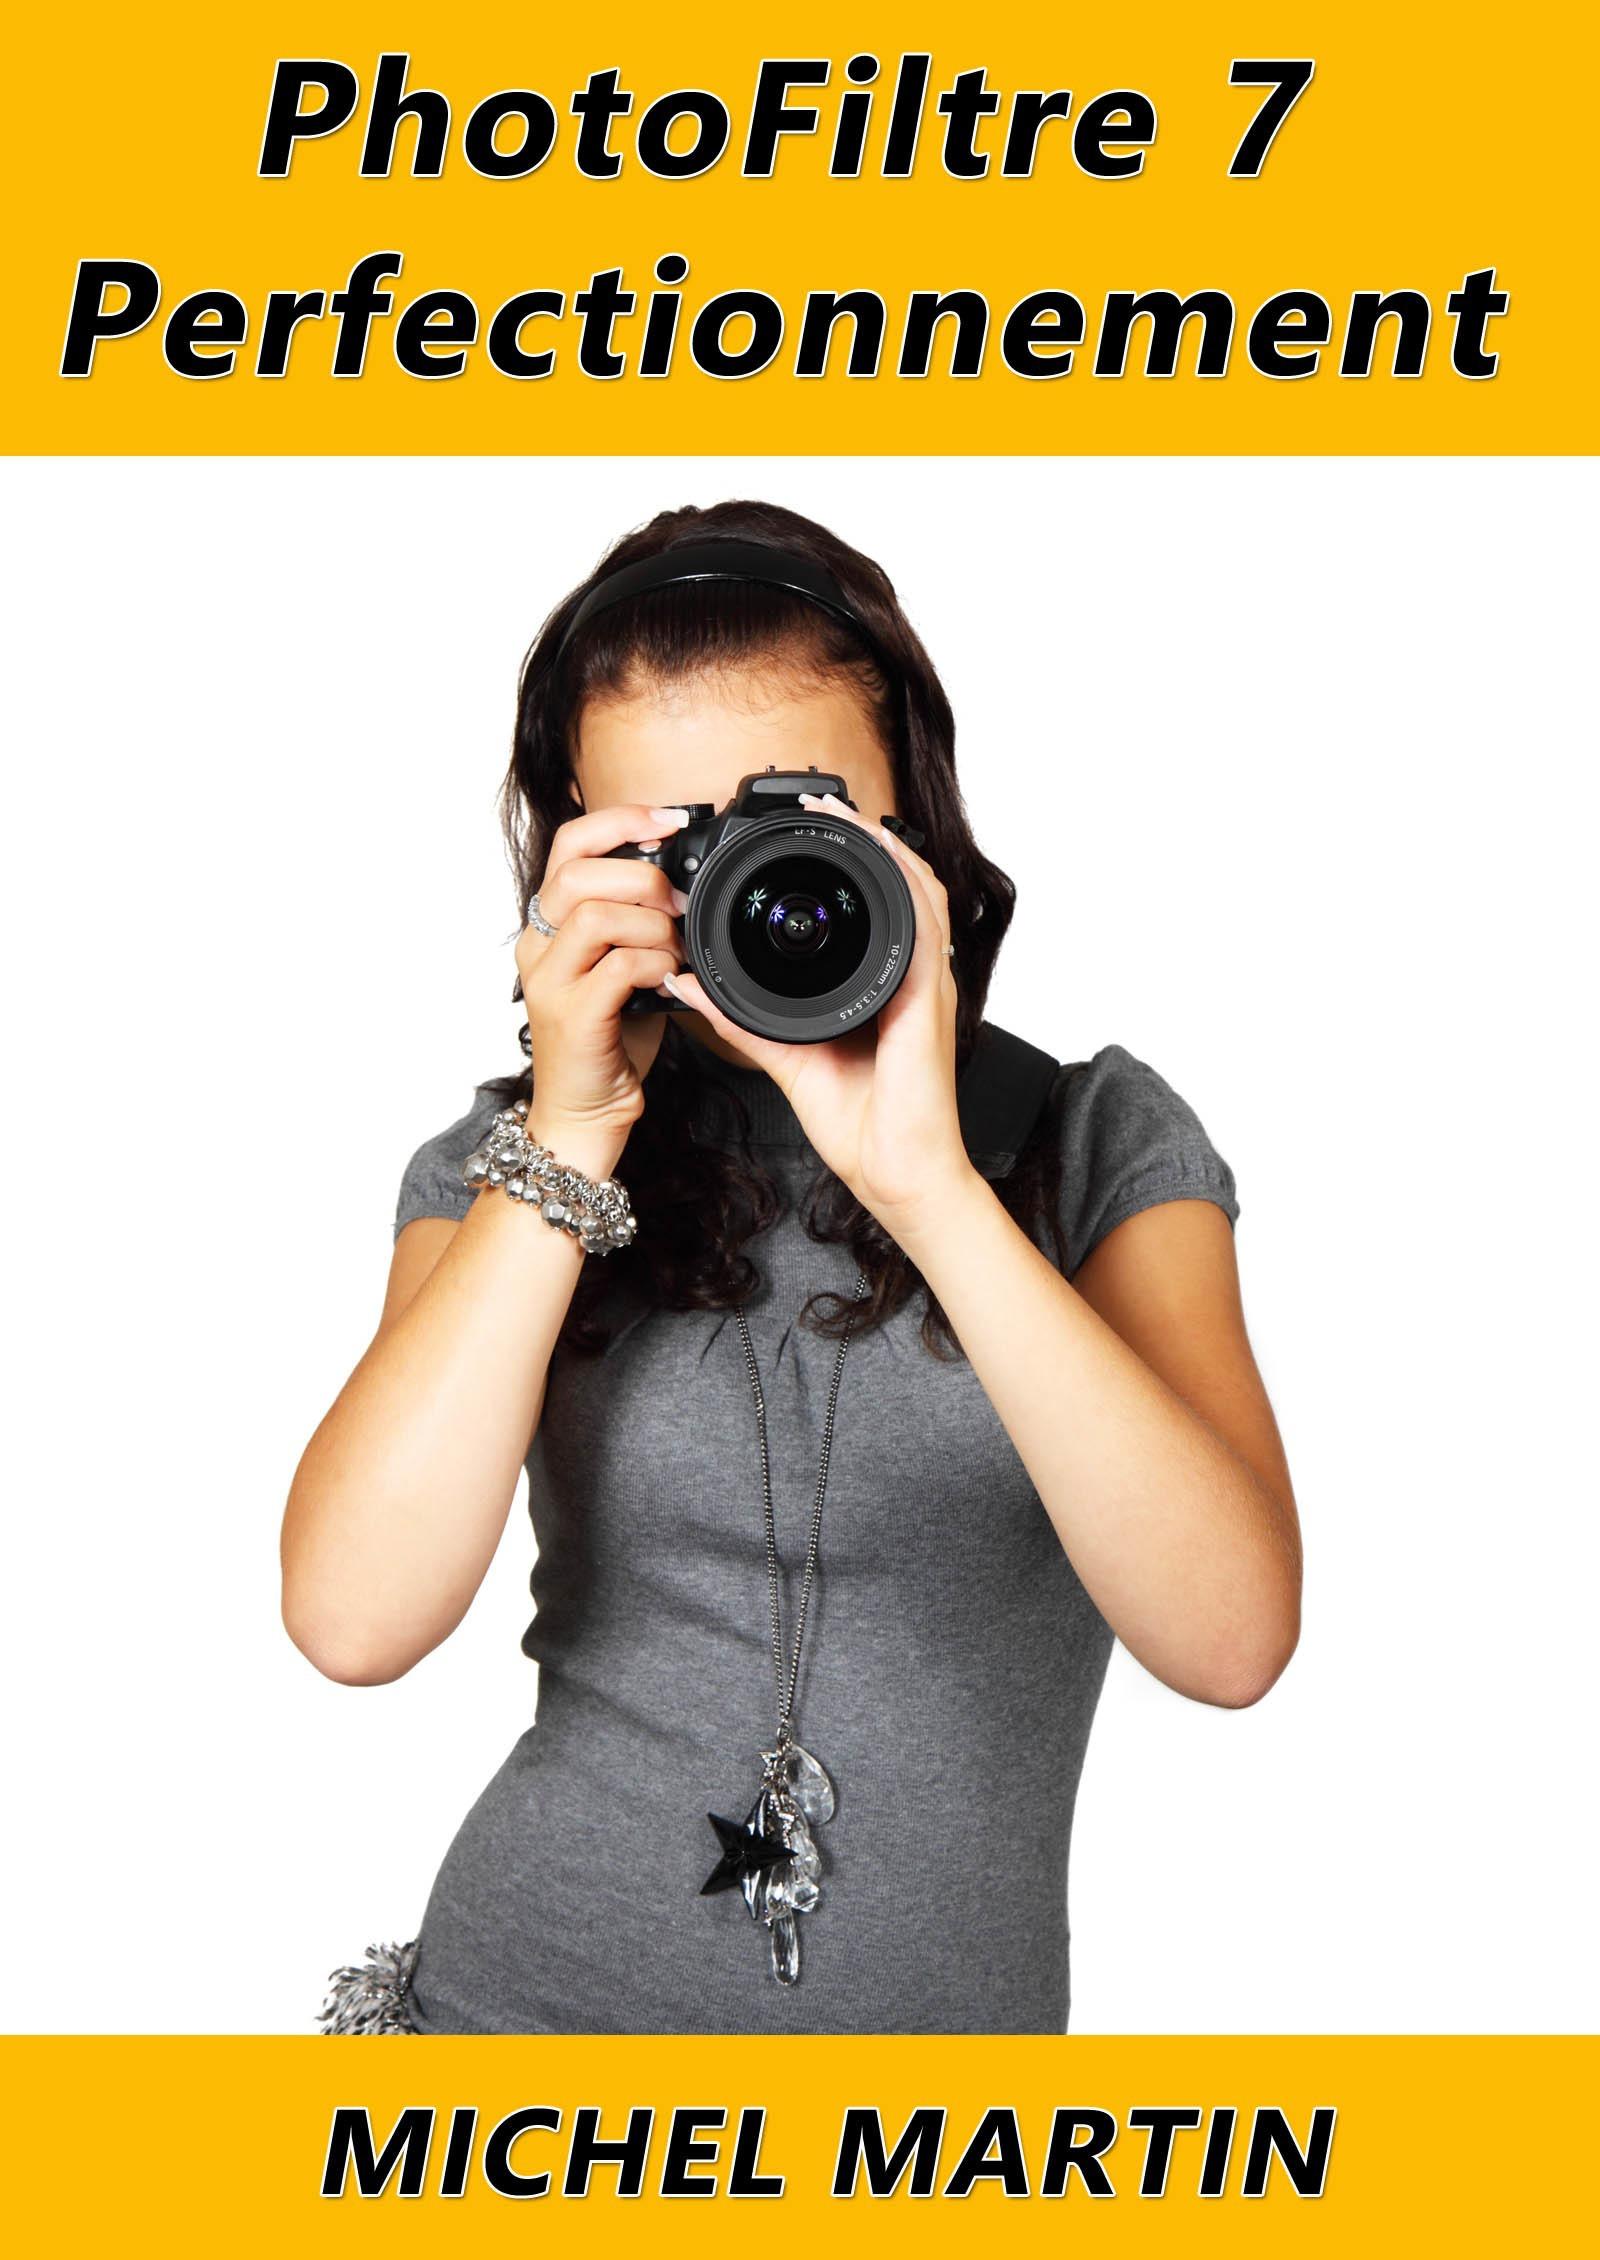 PhotoFiltre 7 - Perfectionnement